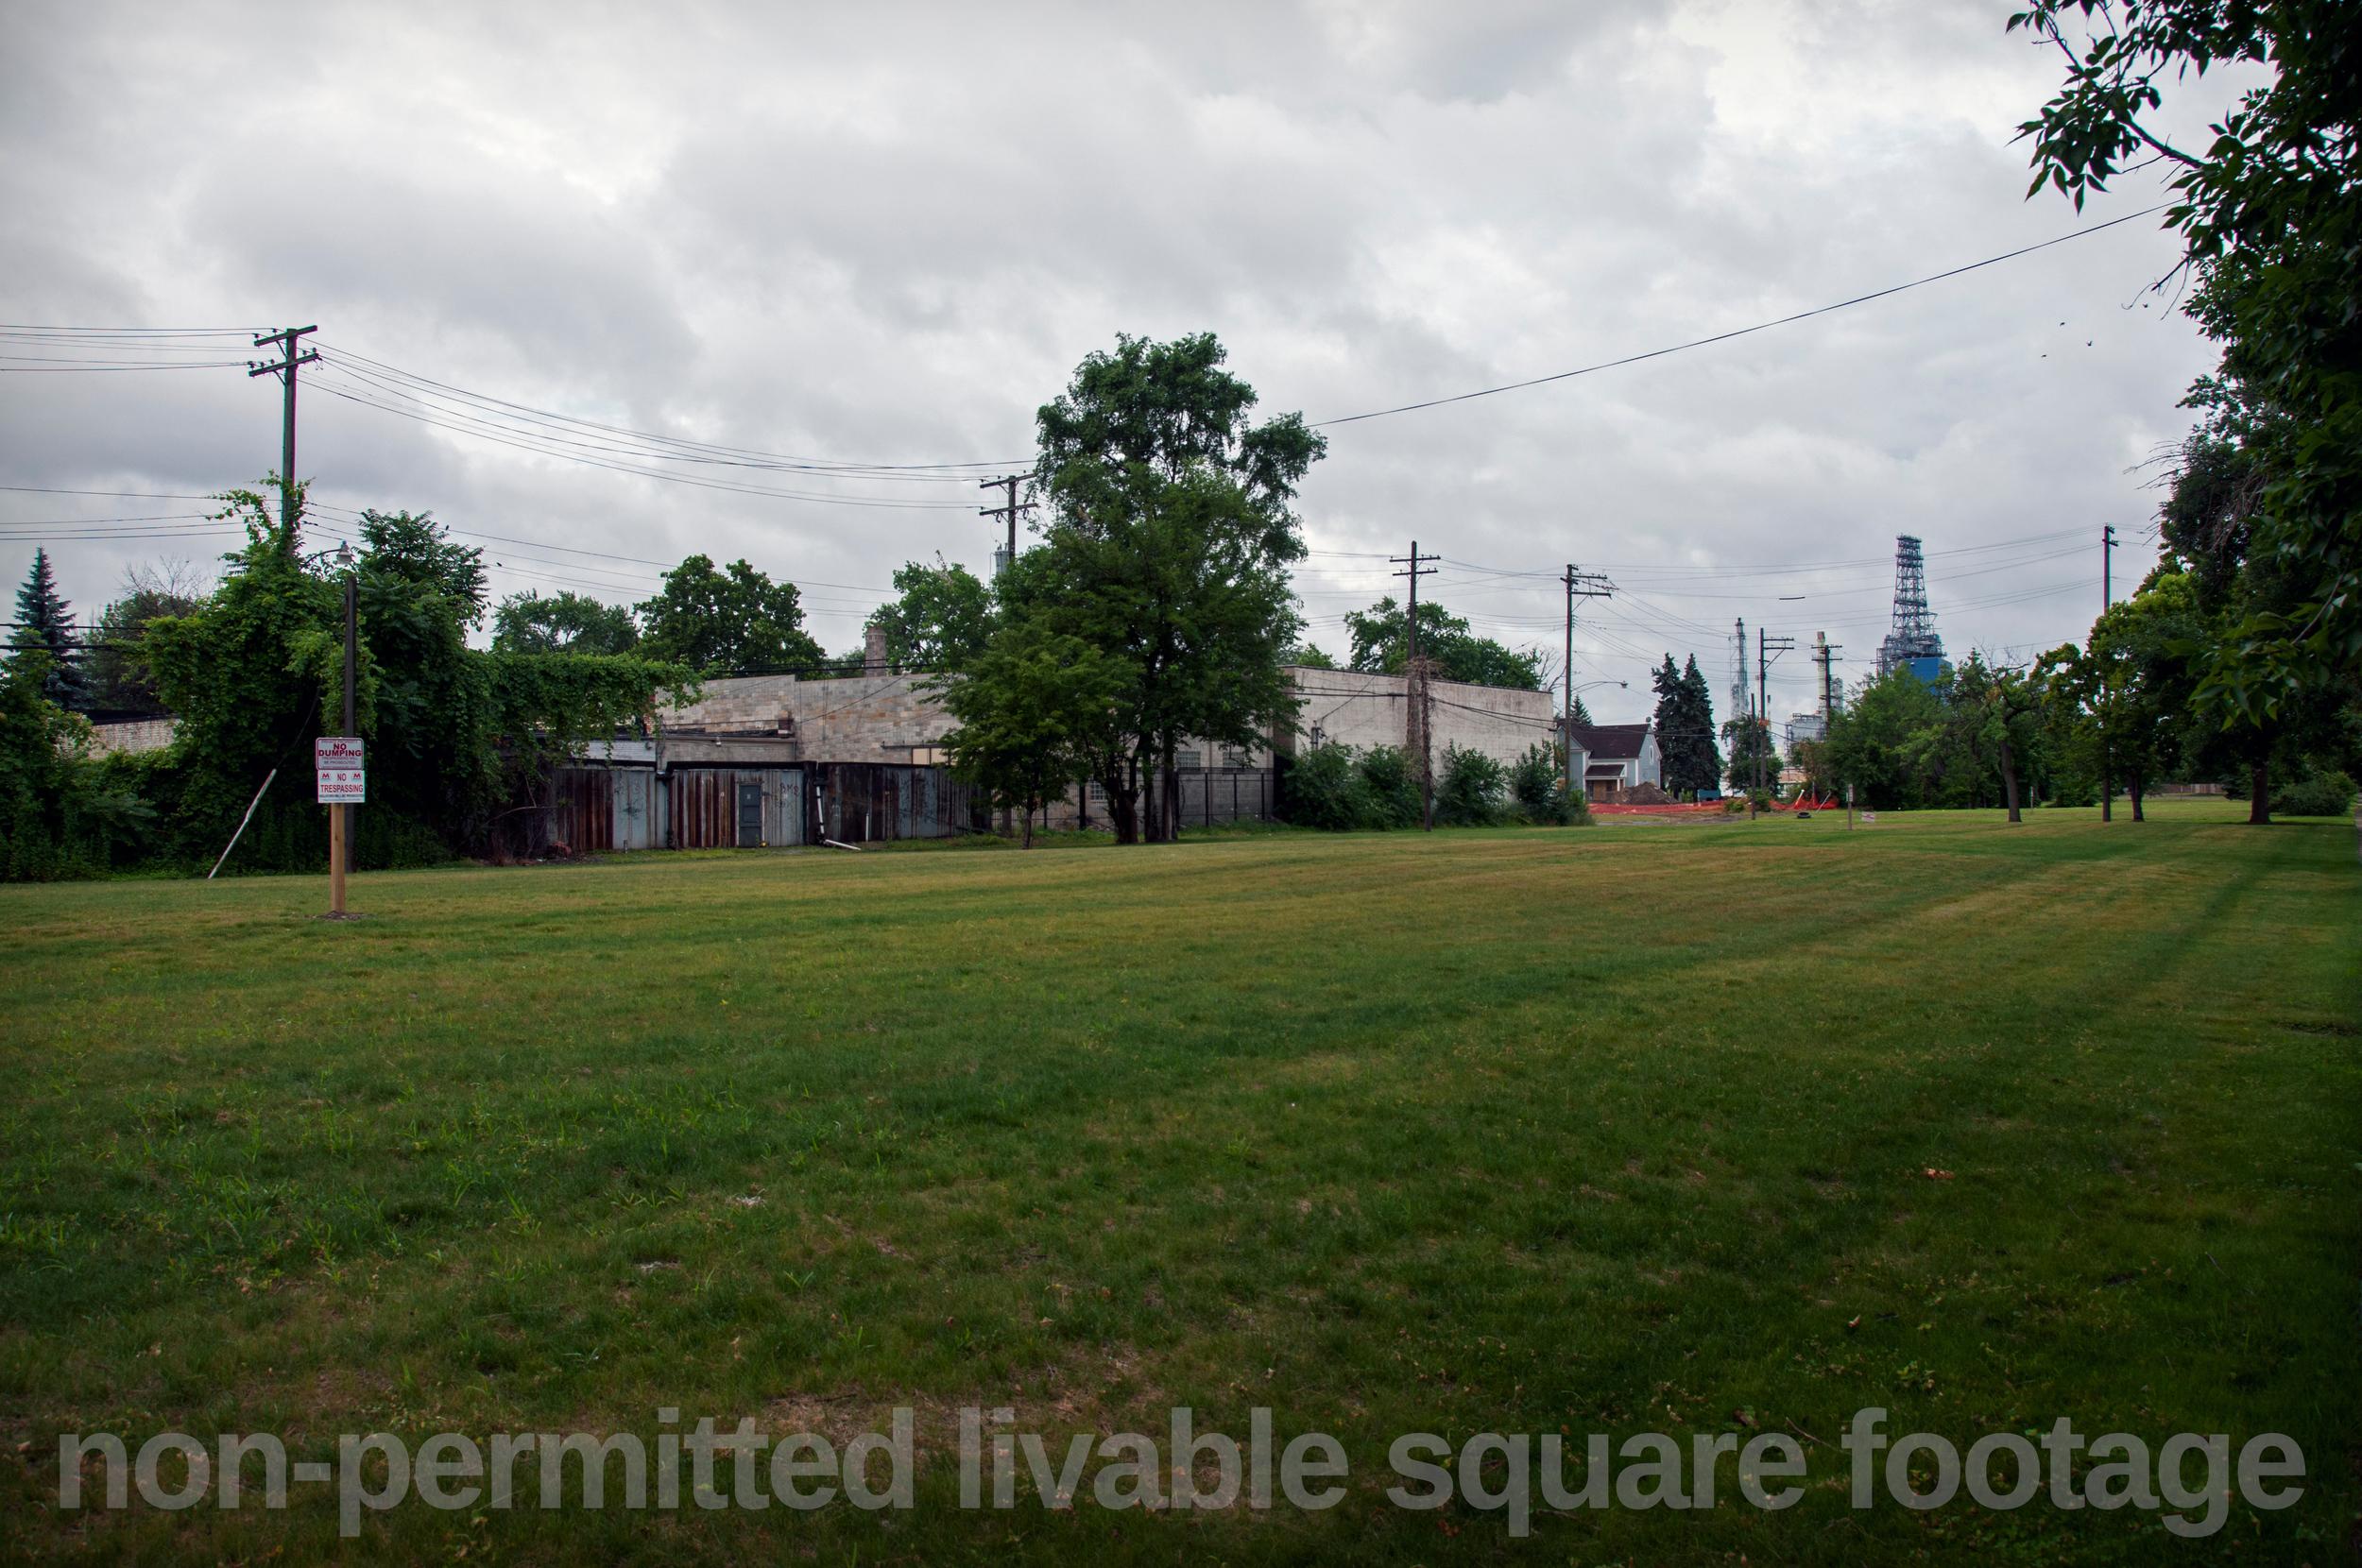 34-Empty+Field-+non+permitted+-3578946181-O.jpg